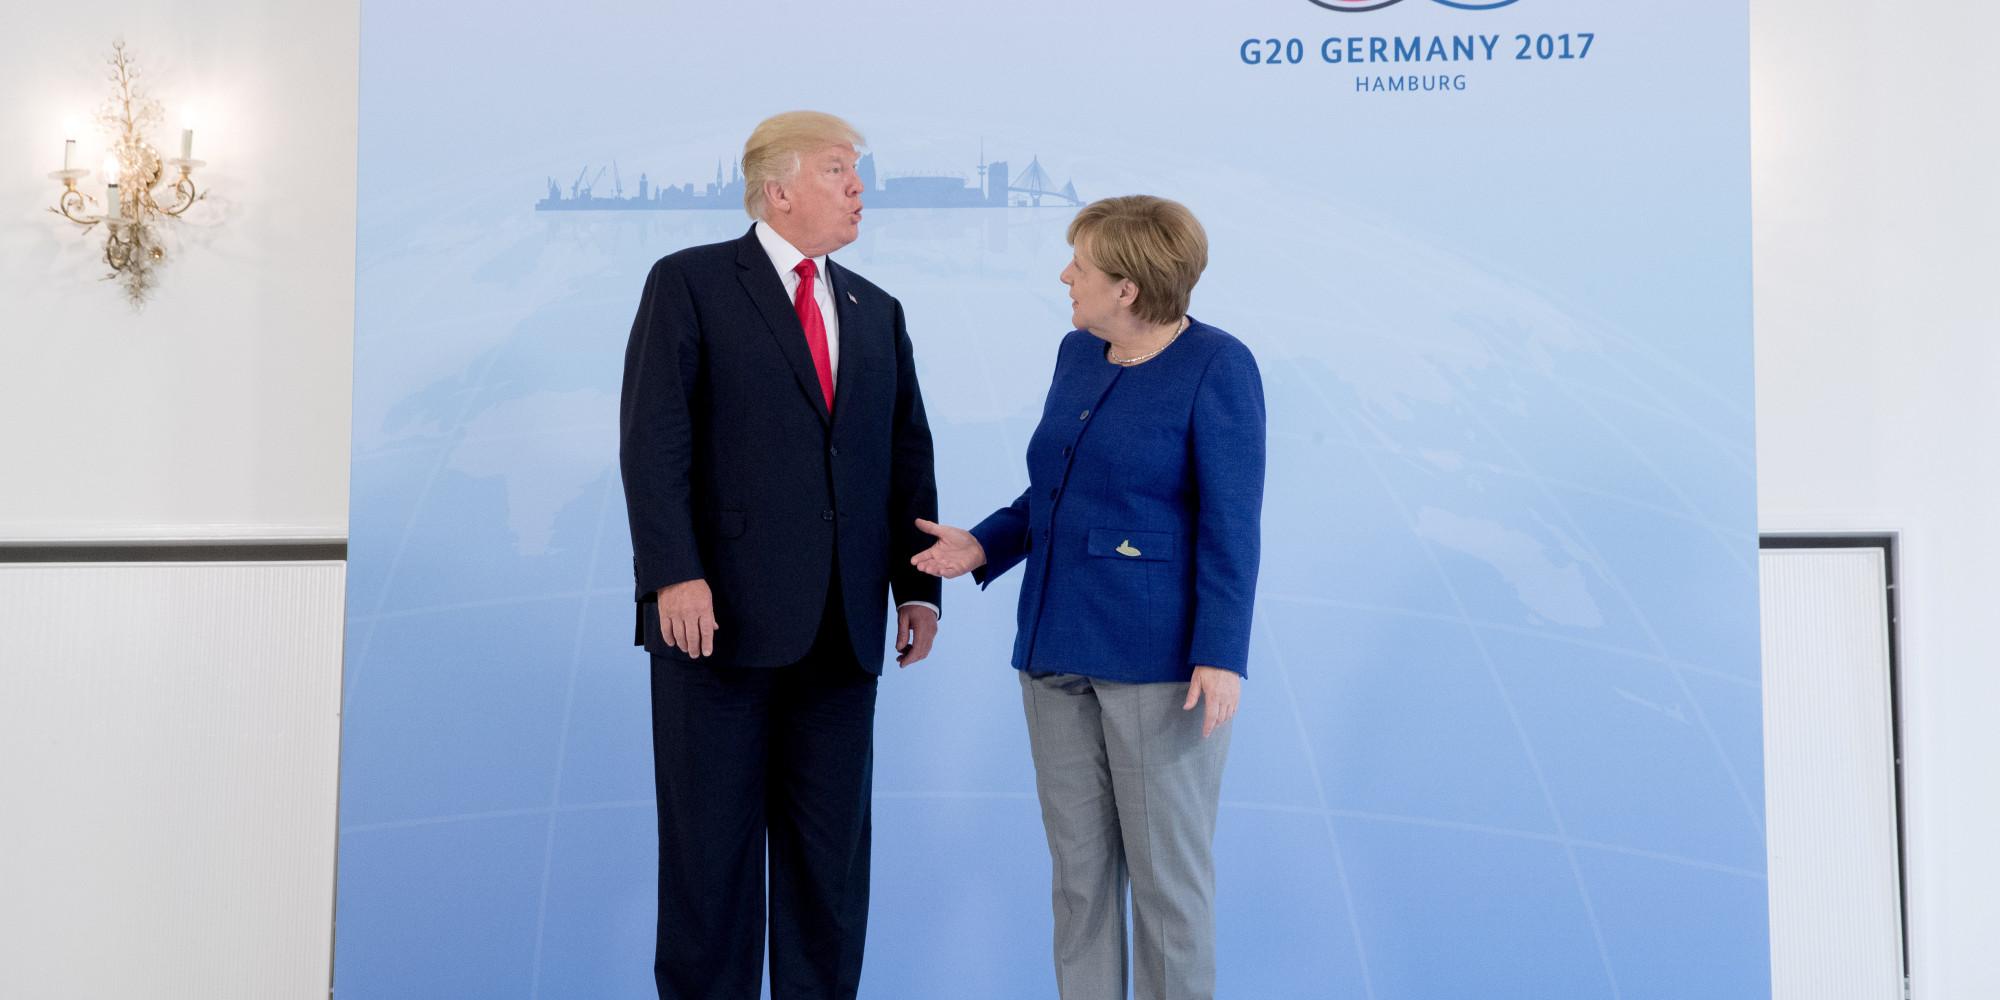 G20 Im Live Stream Polit Treffen In Hamburg Online Sehen So Gehts